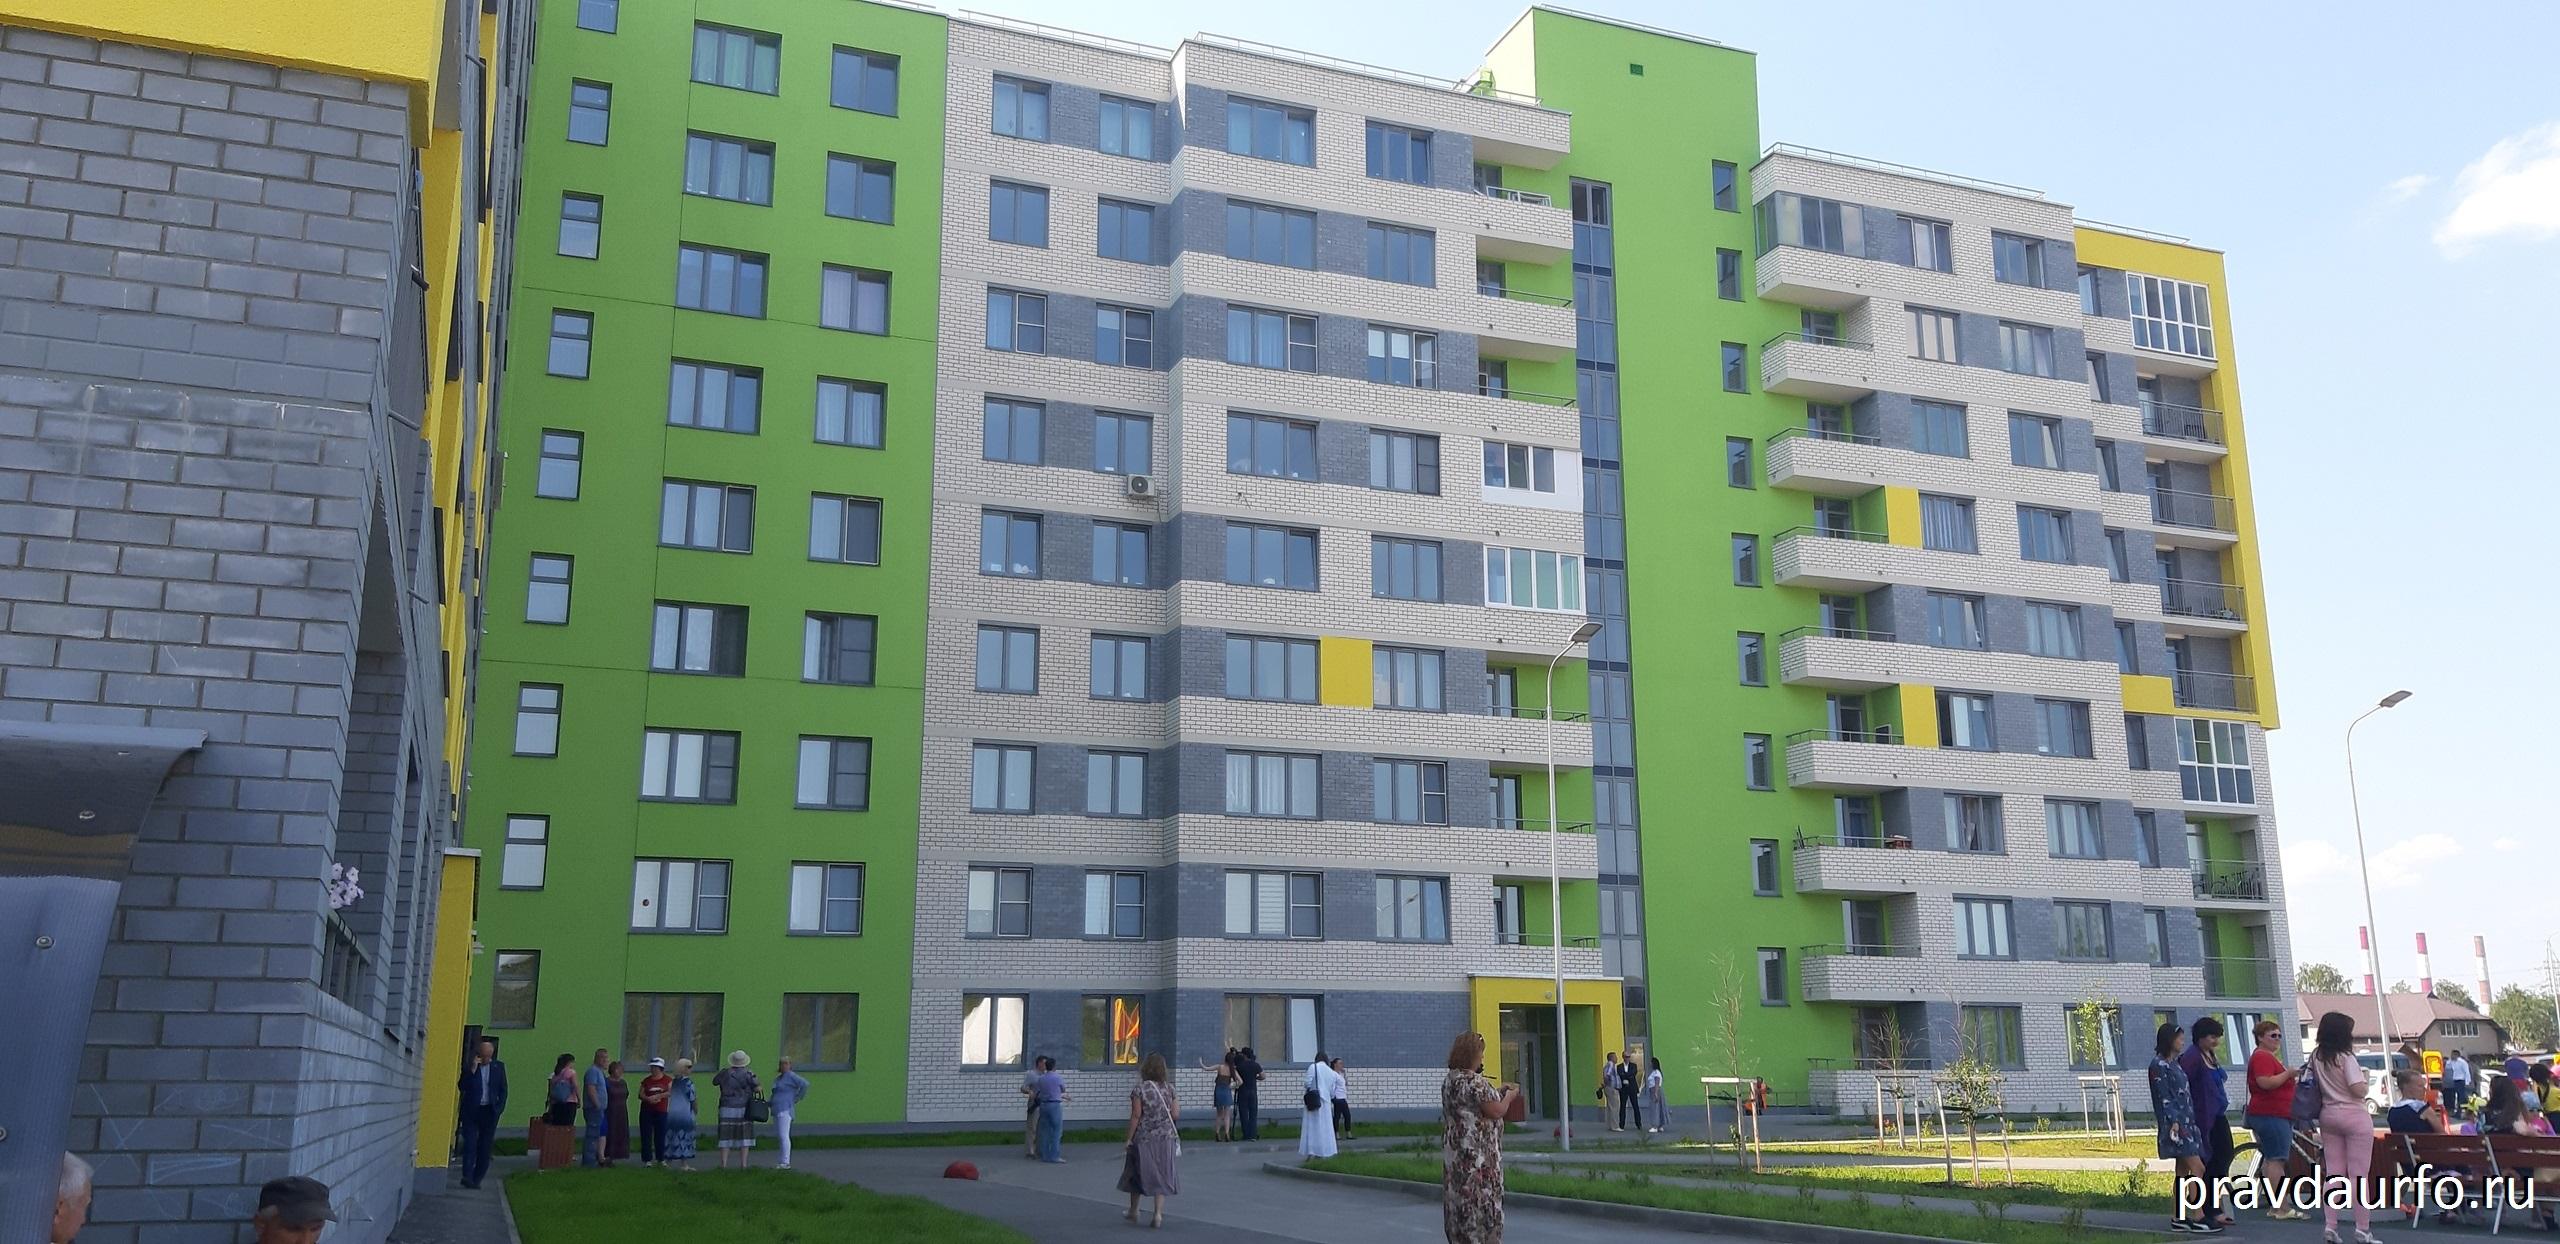 Обмен квартиры на дом, коттедж, таунхаус: правильное оформление недвижимости